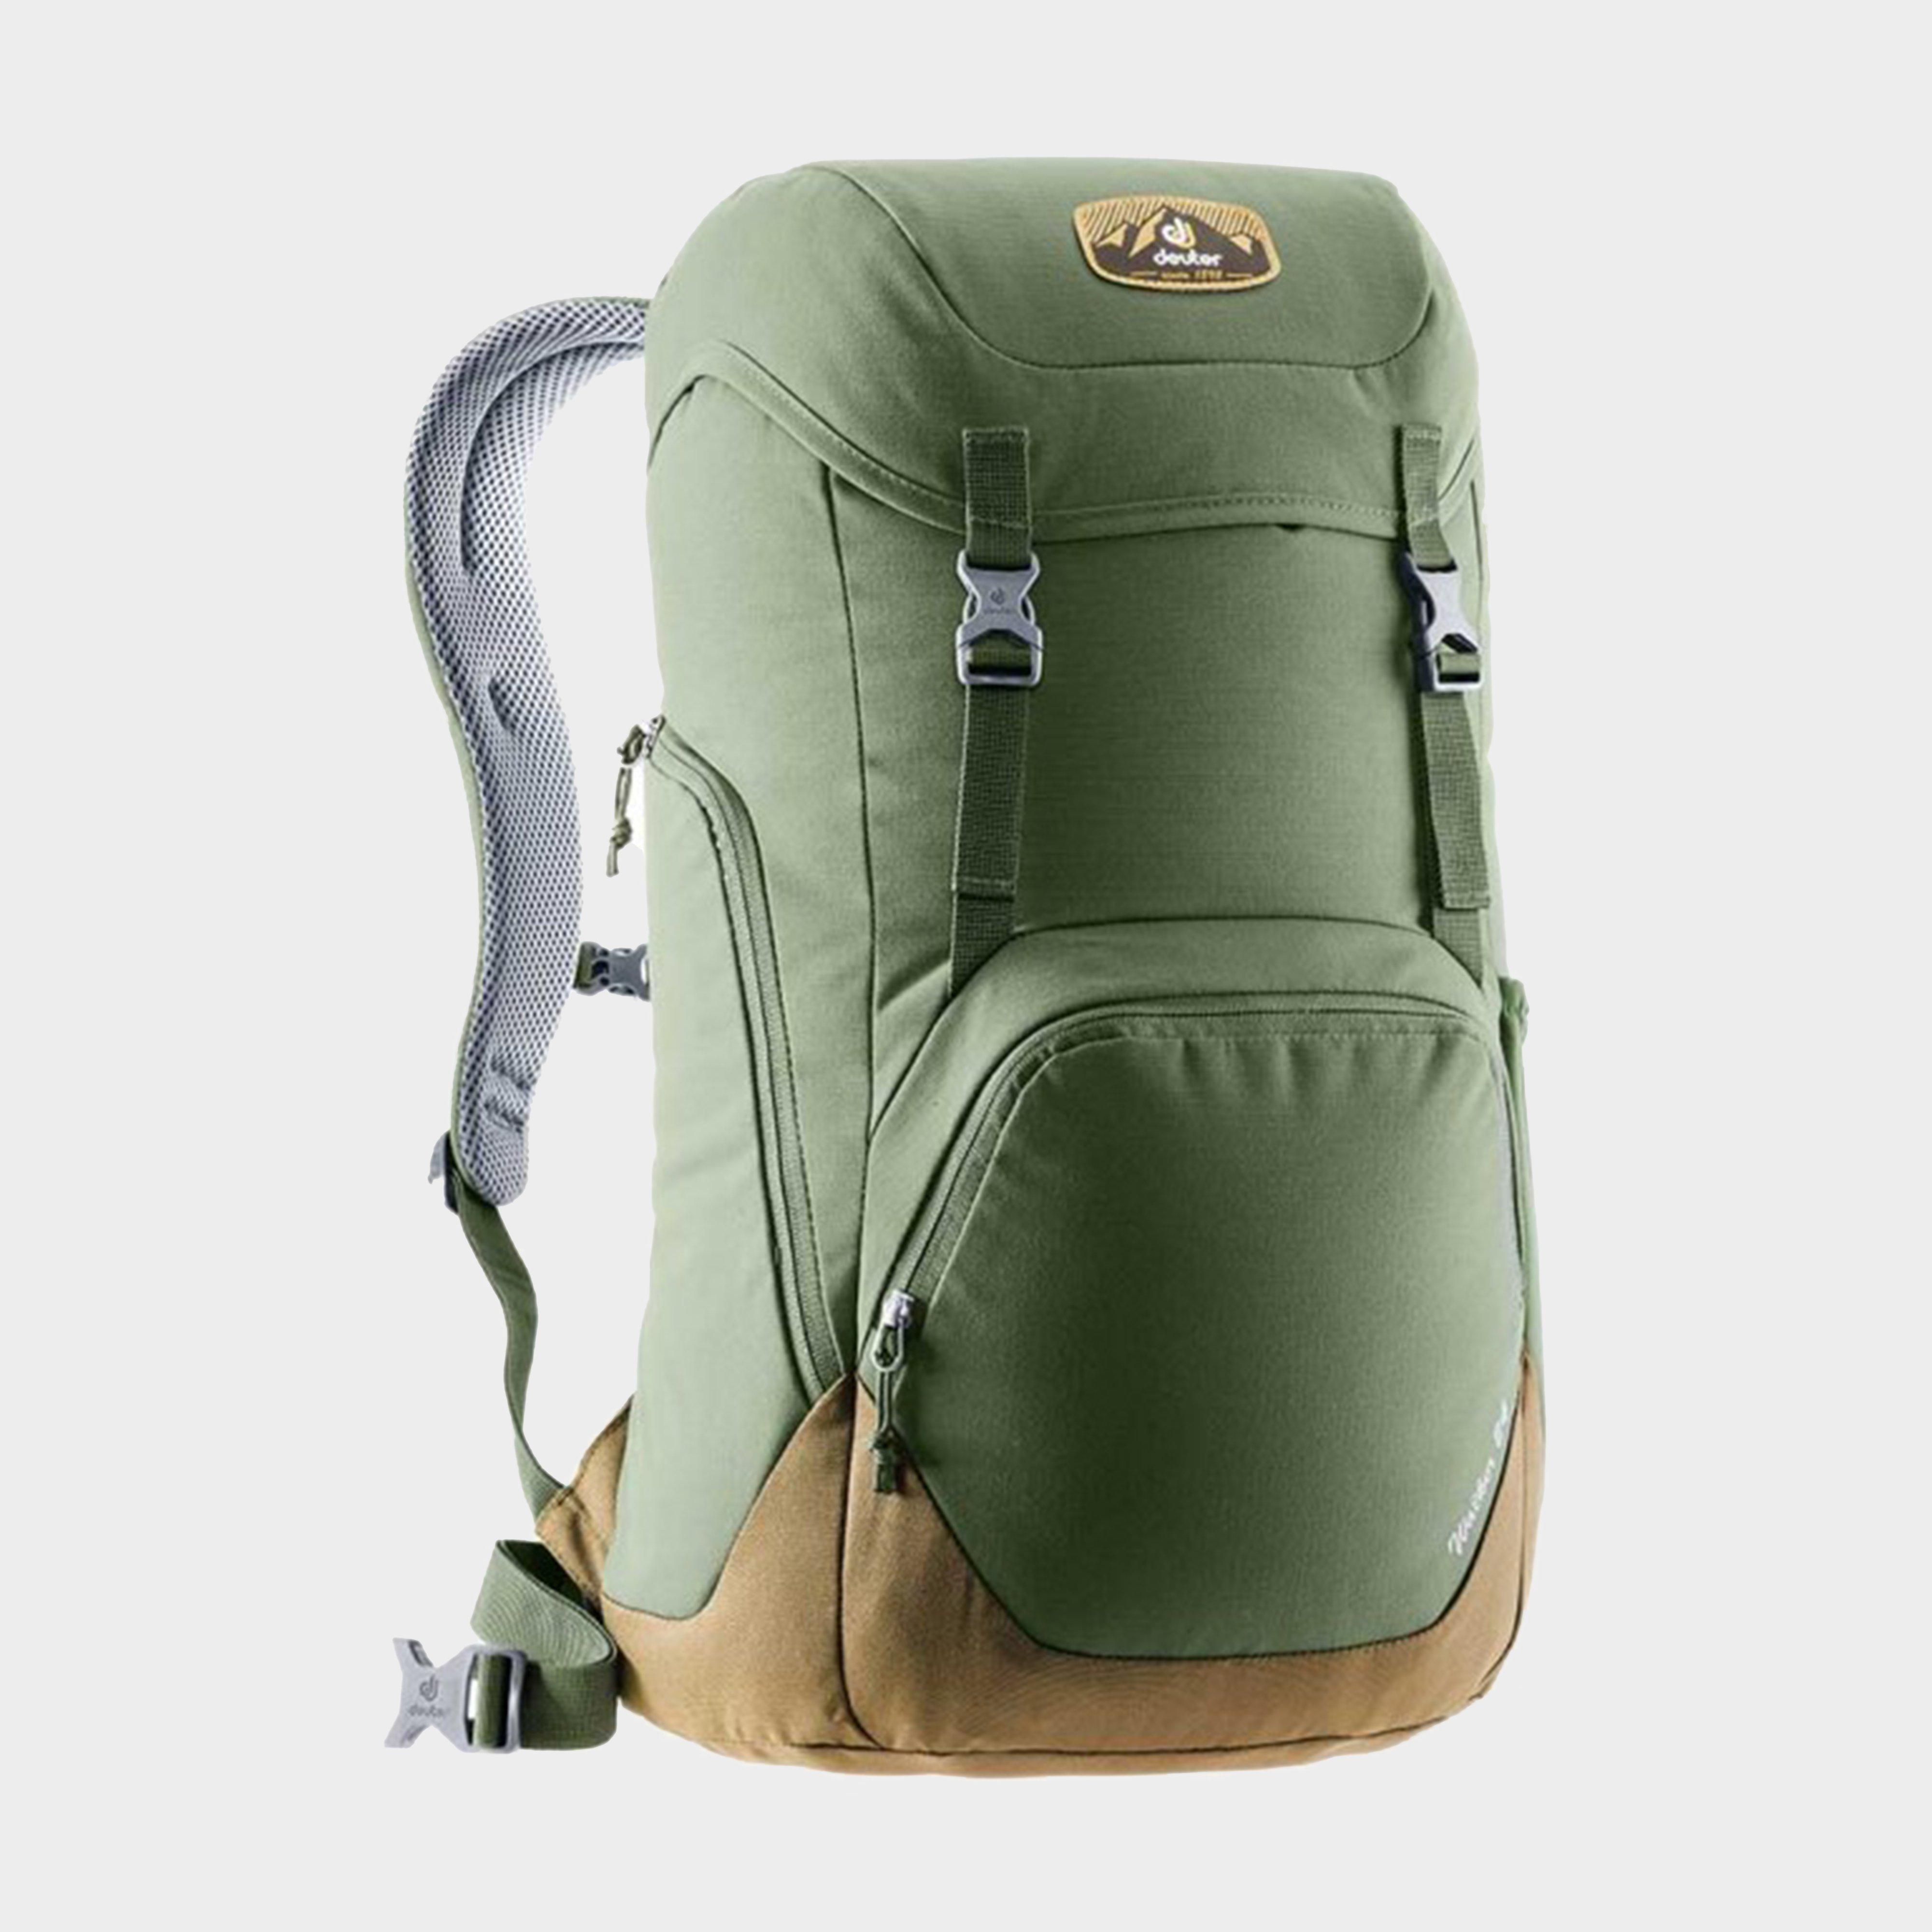 Deuter Walker 24 Litre Daypack - Green/green  Green/green